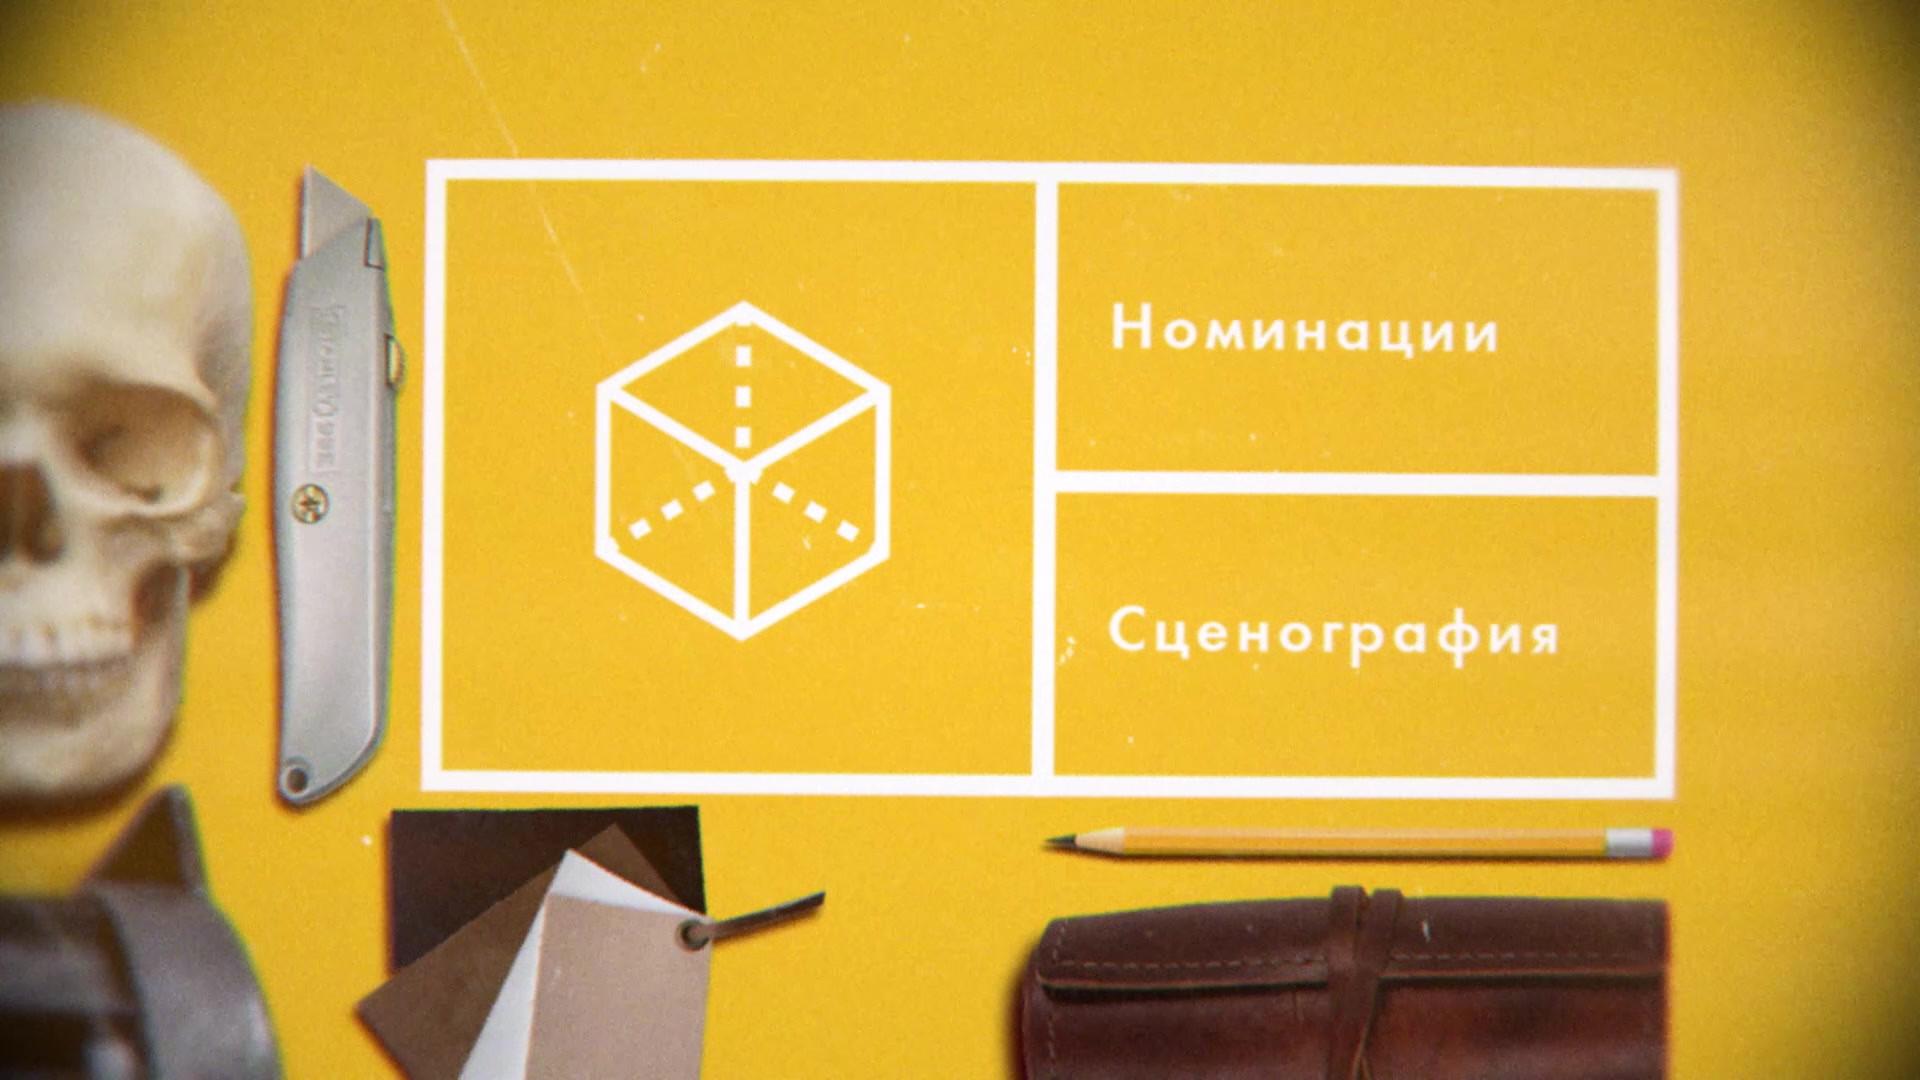 Nom_Scenografiq_WEB_HD_HQ.mp4